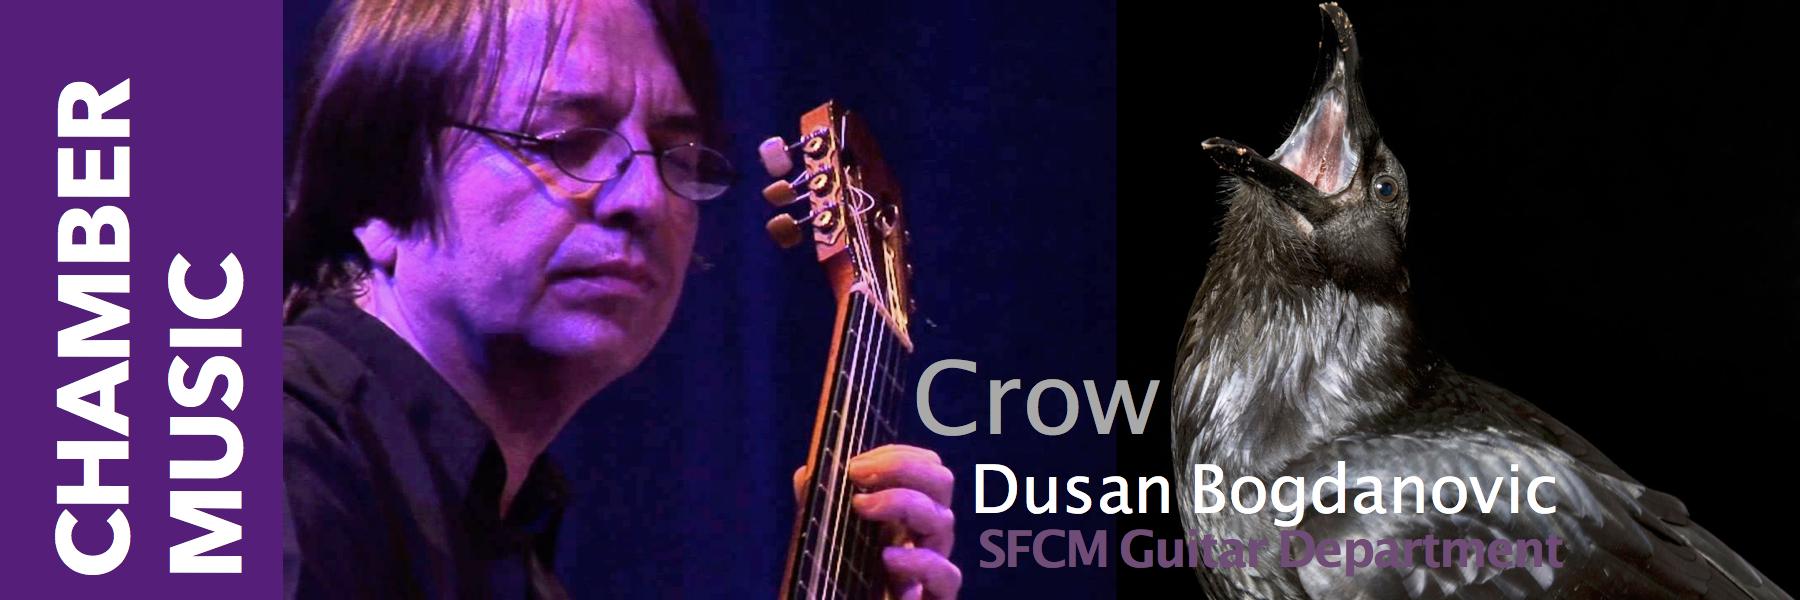 Crow SFCM.jpg